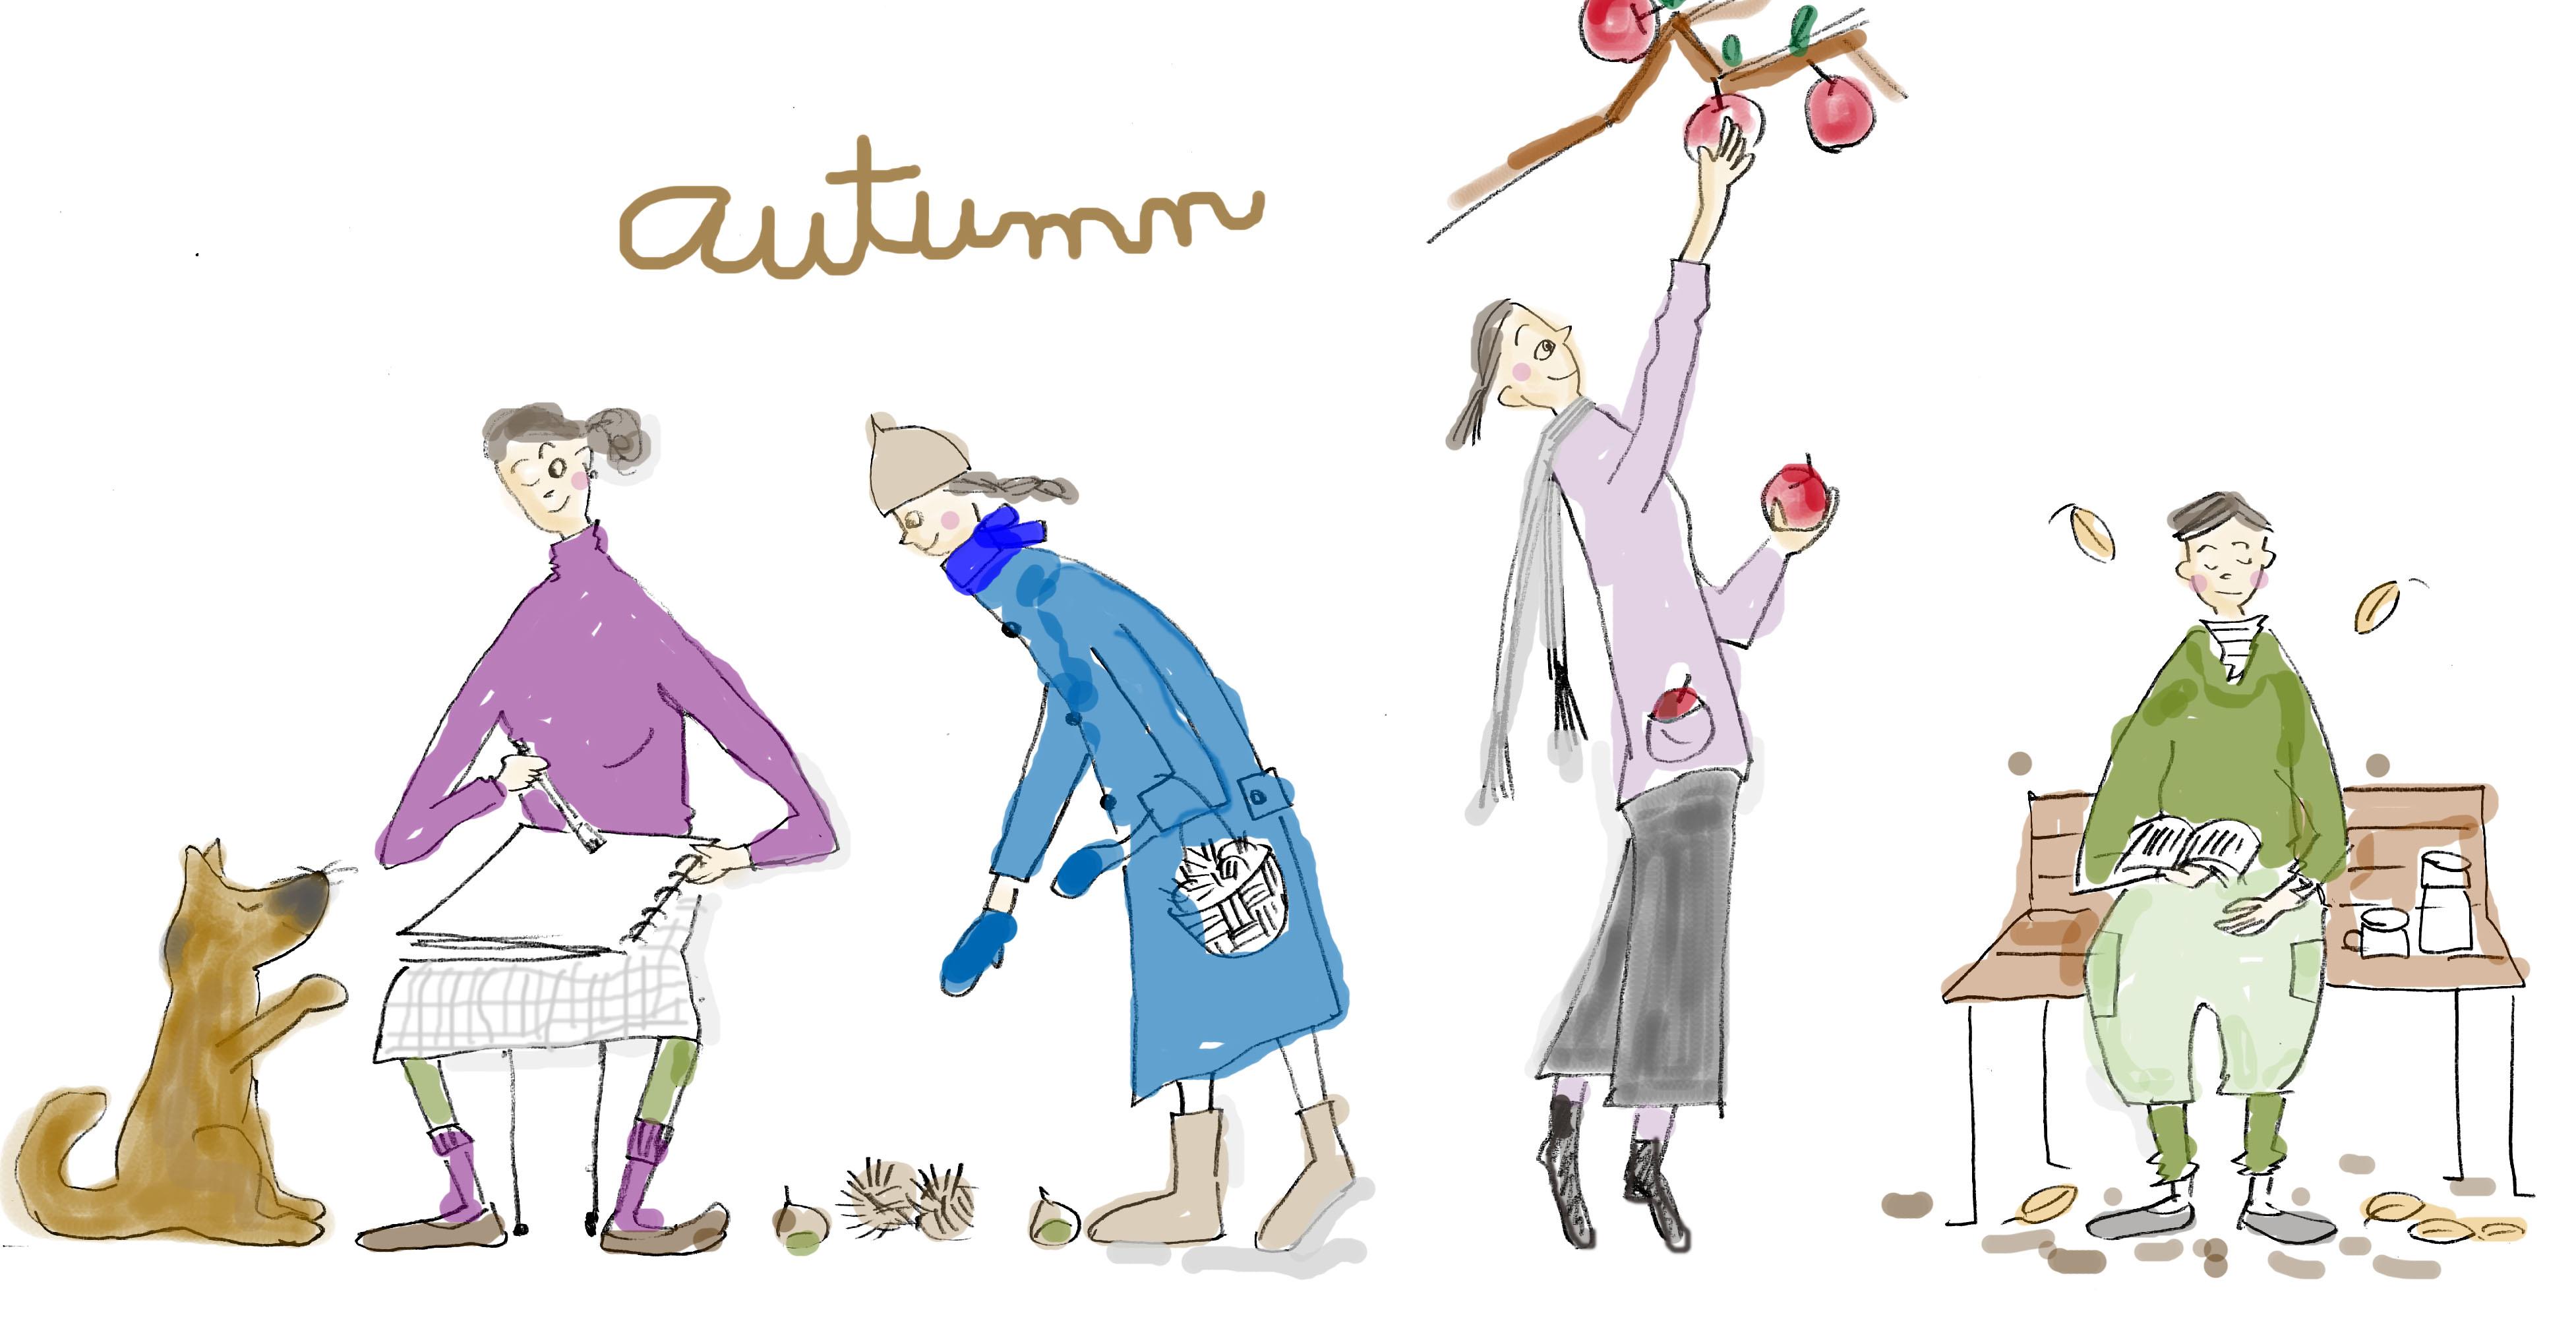 秋だし   日々 寄る年波とおしゃれの波 ホホホの本田style